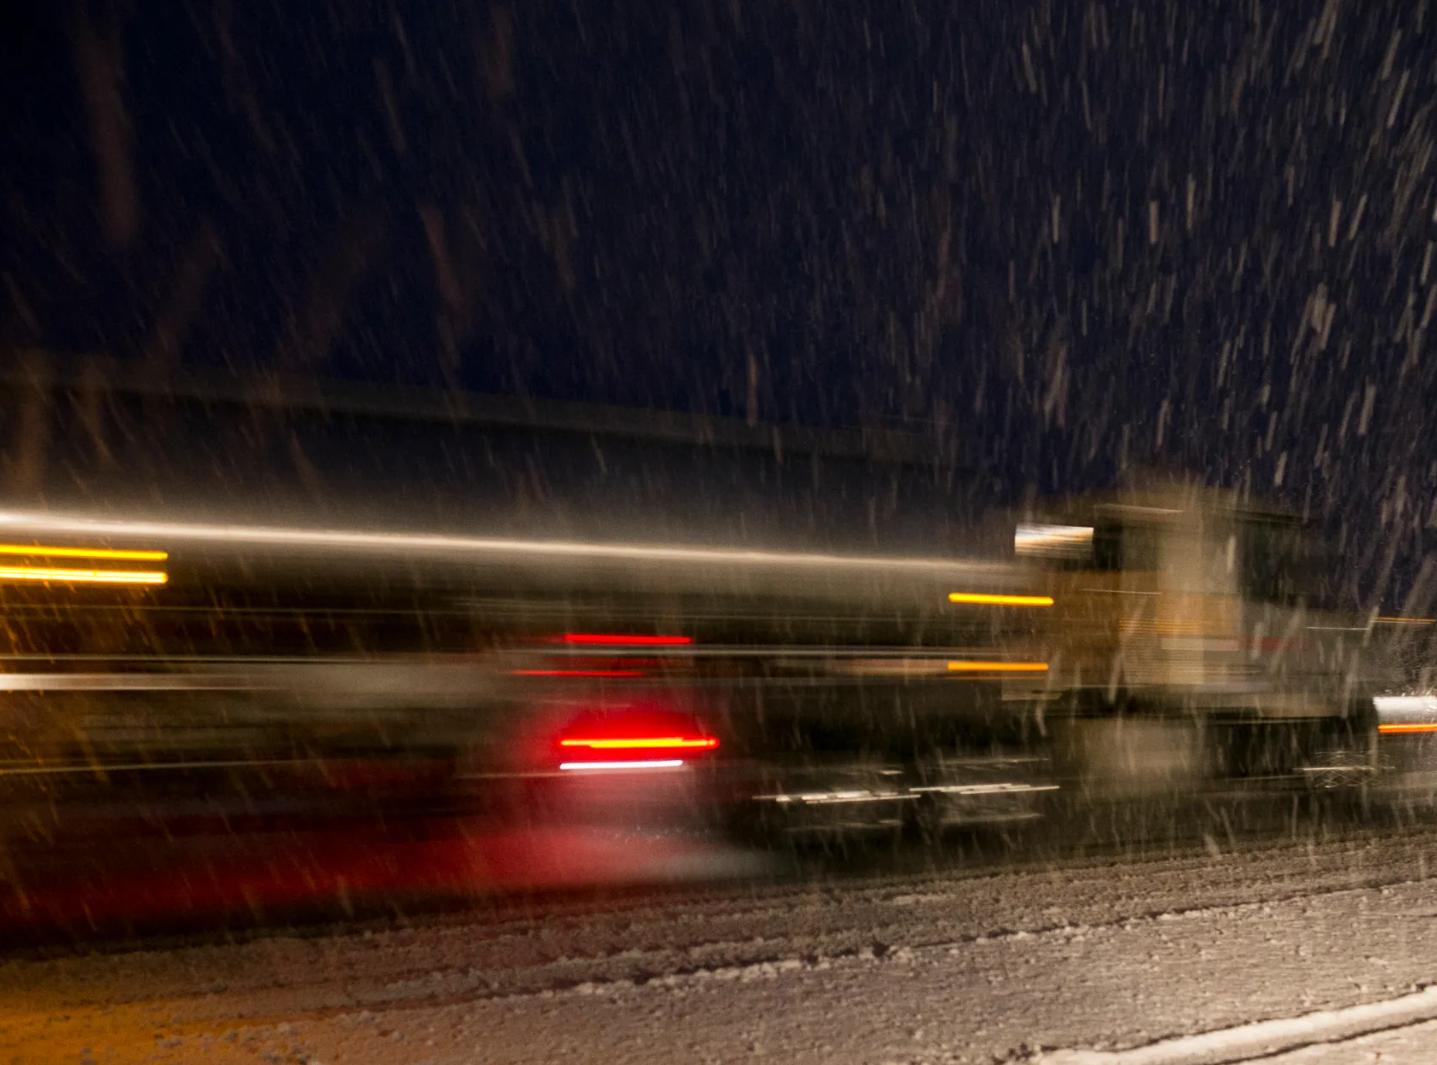 Así luce la carretera interestatal 17 al norte de Arizona, cubierta de nieve.